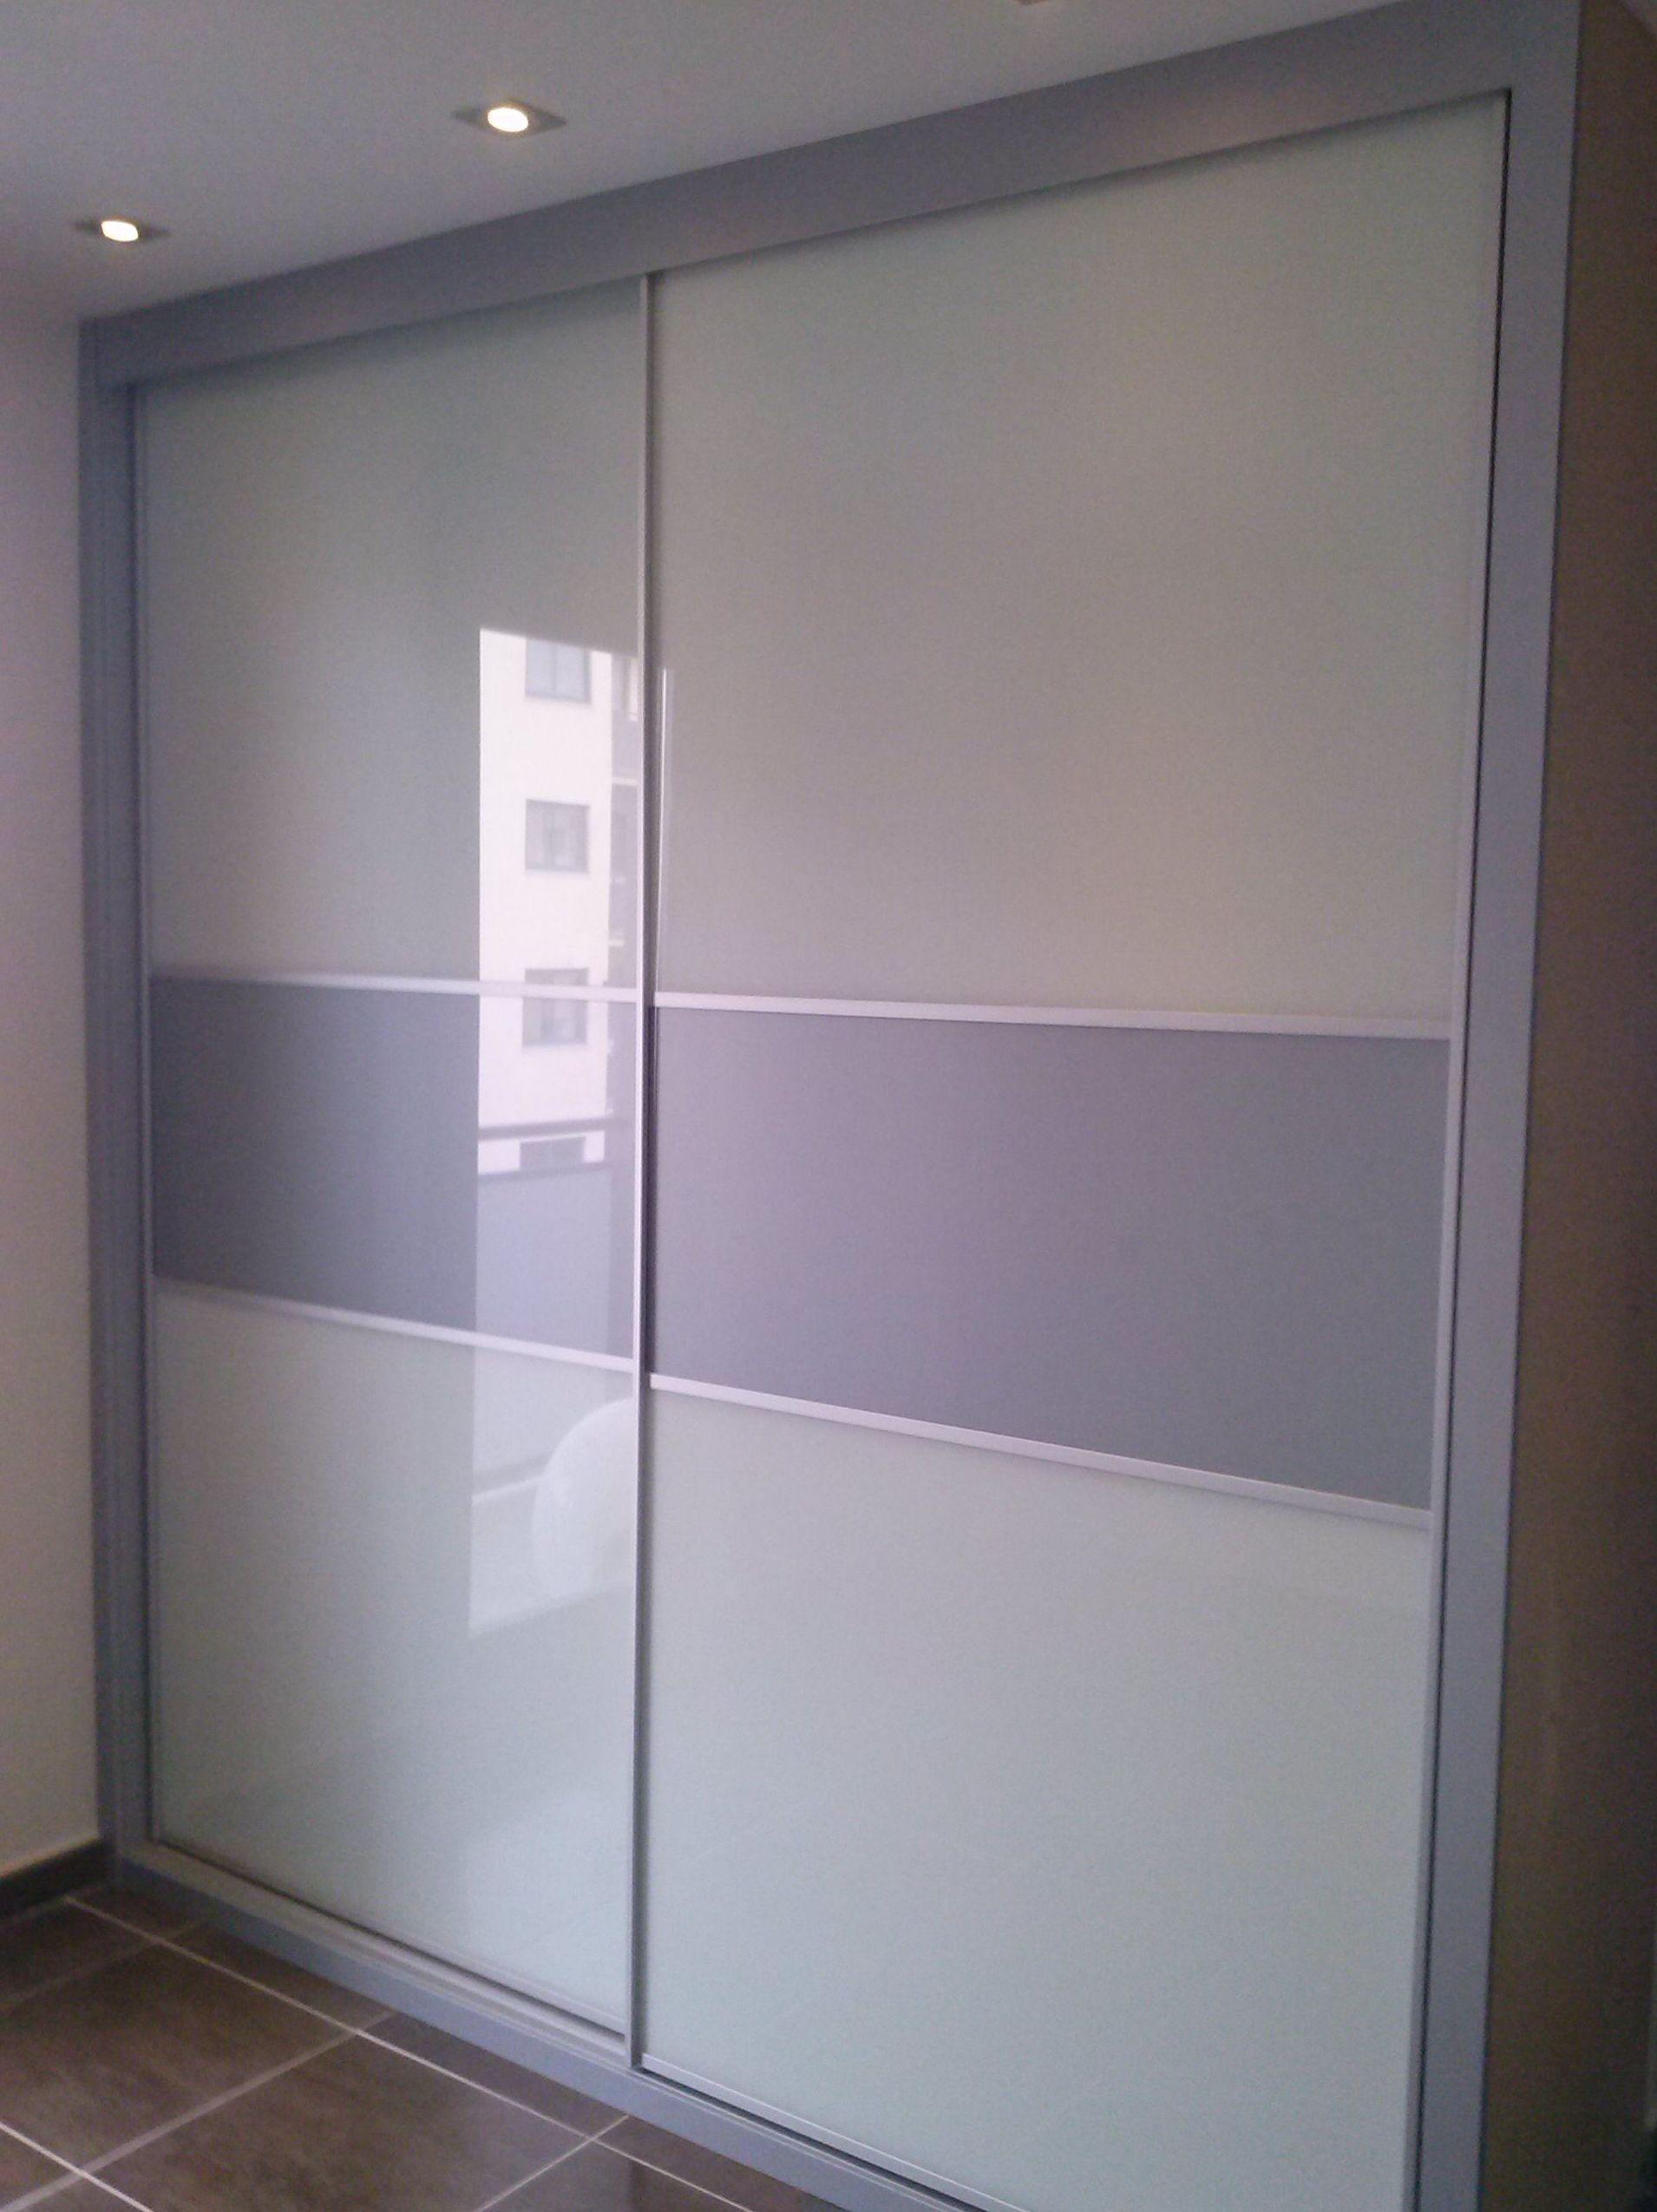 Frentes de armarios empotrados puertas correderas - Puertas correderas armario empotrado ...